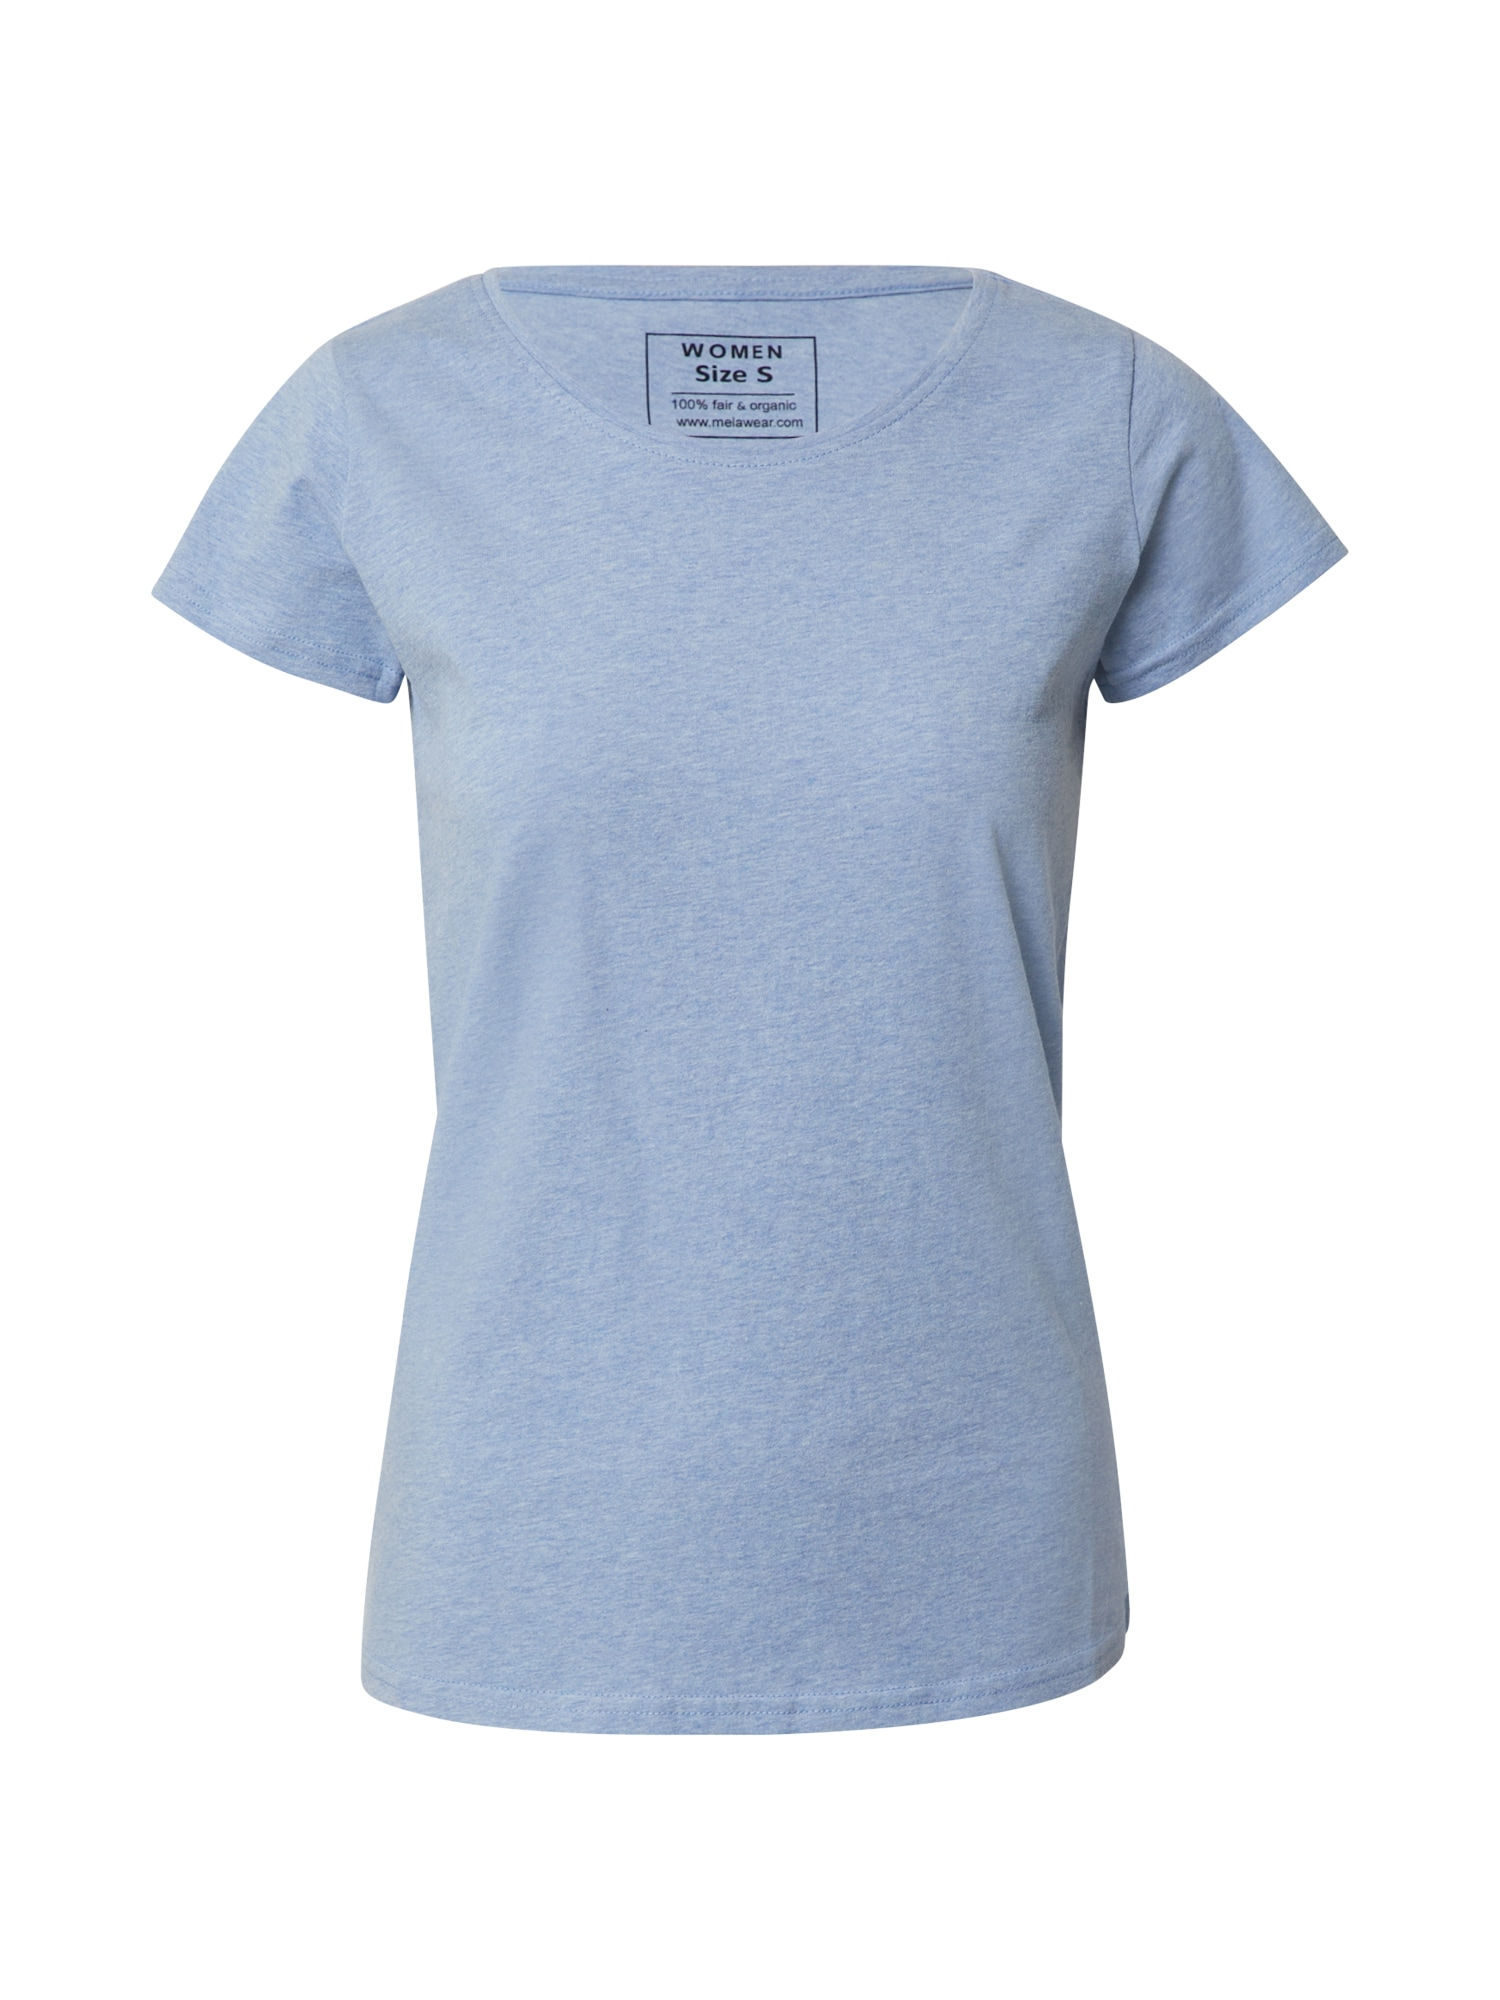 MELAWEAR Marškinėliai mėlyna